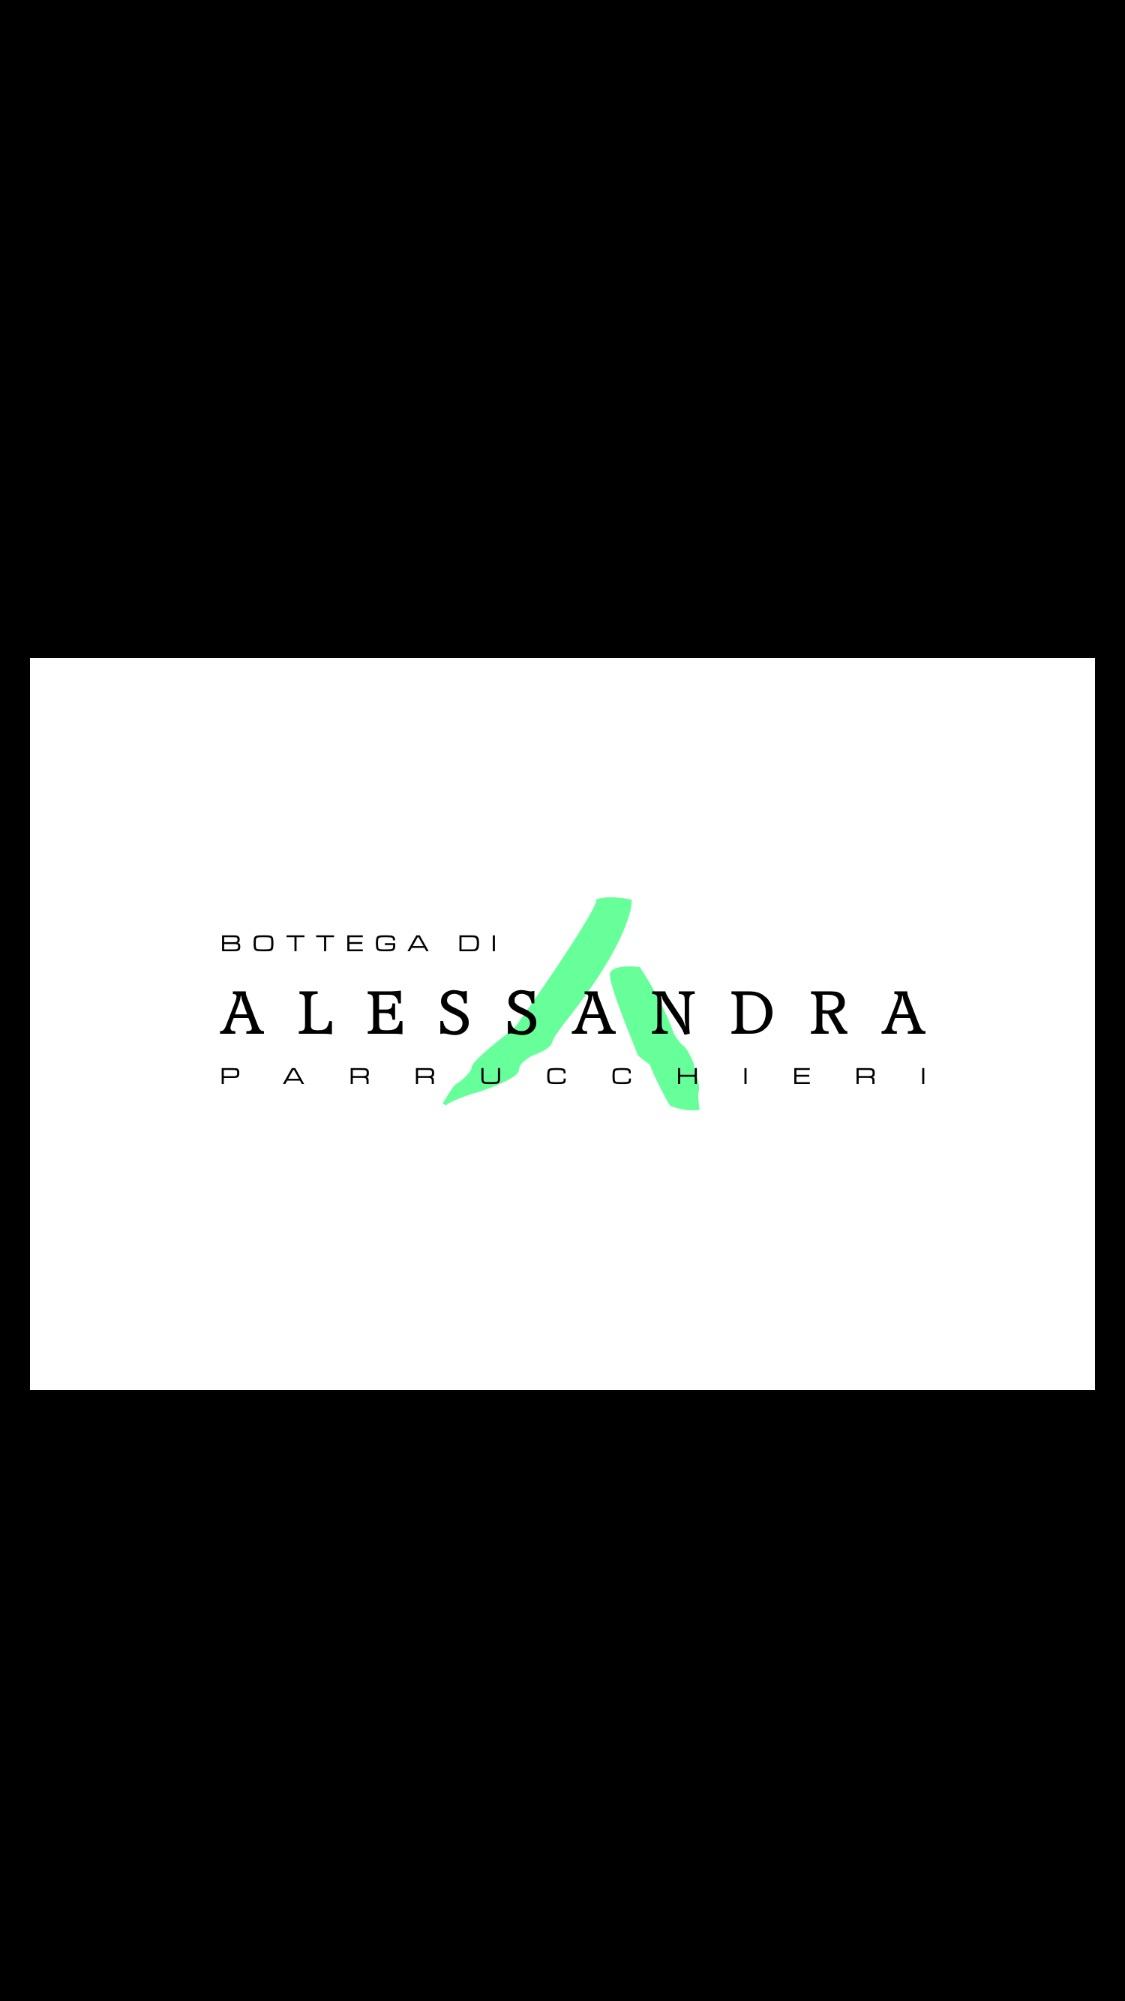 Bottega di Alessandra